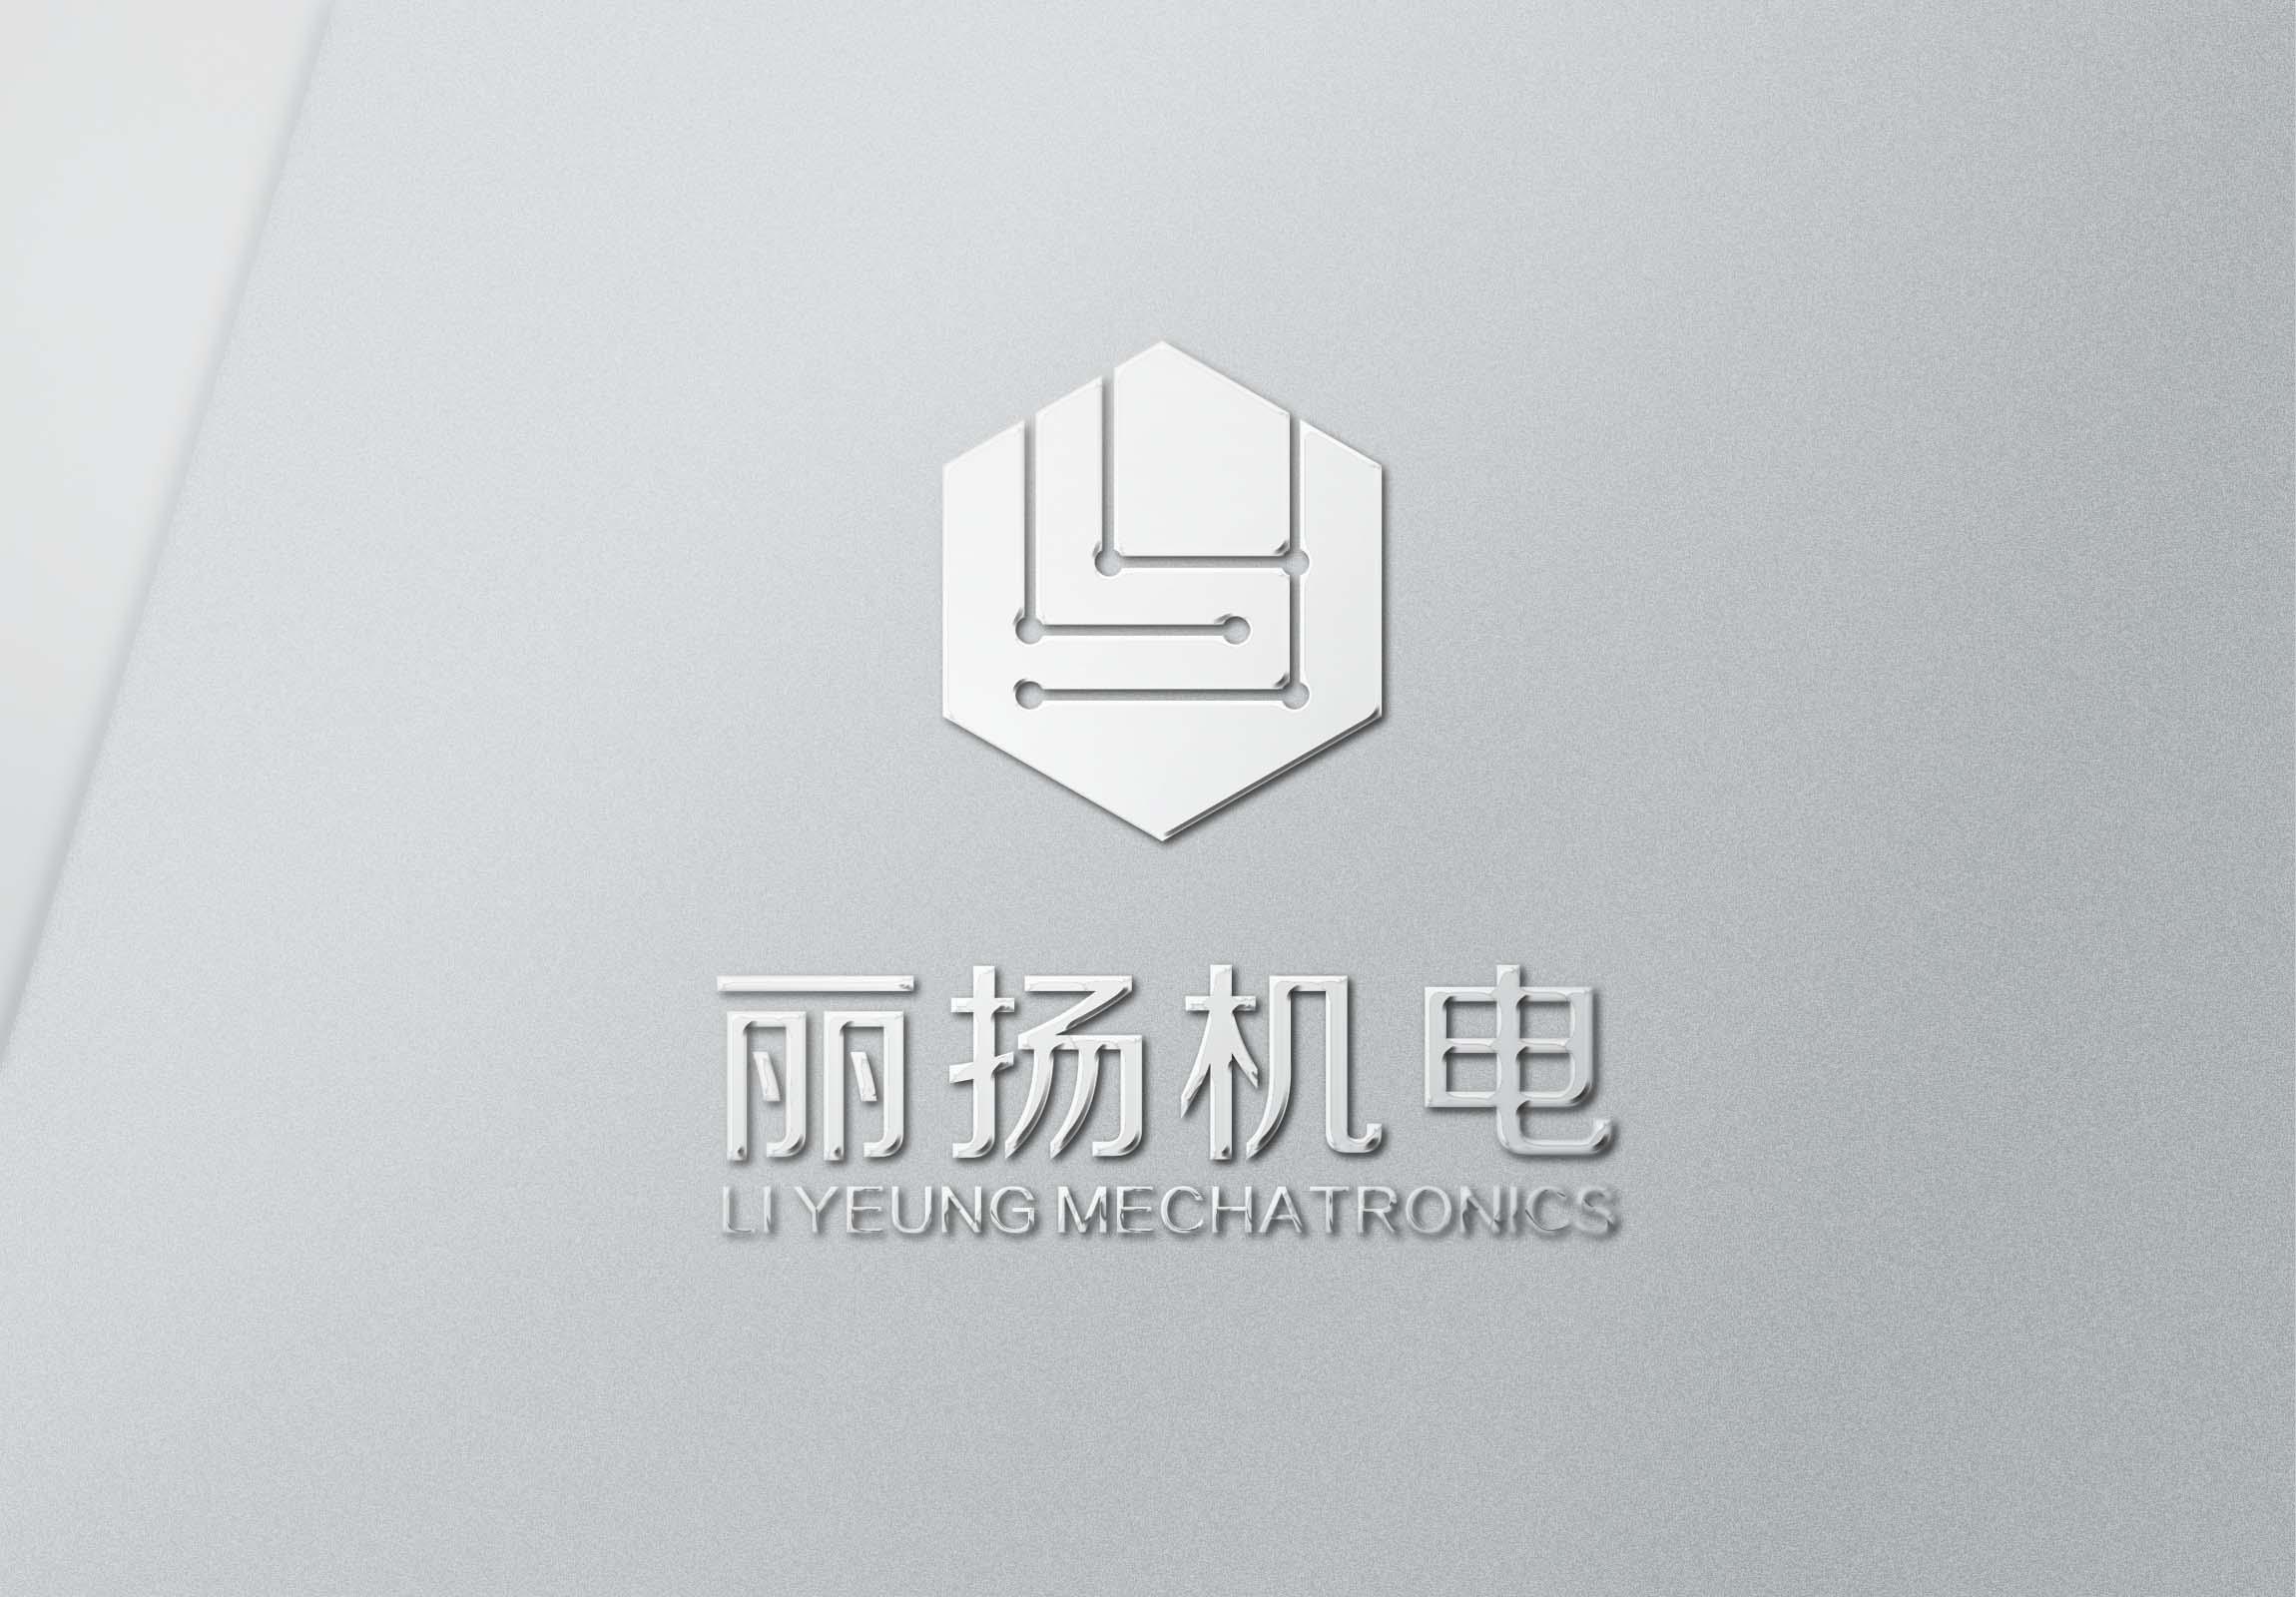 公司logo设计_3032022_k68威客网